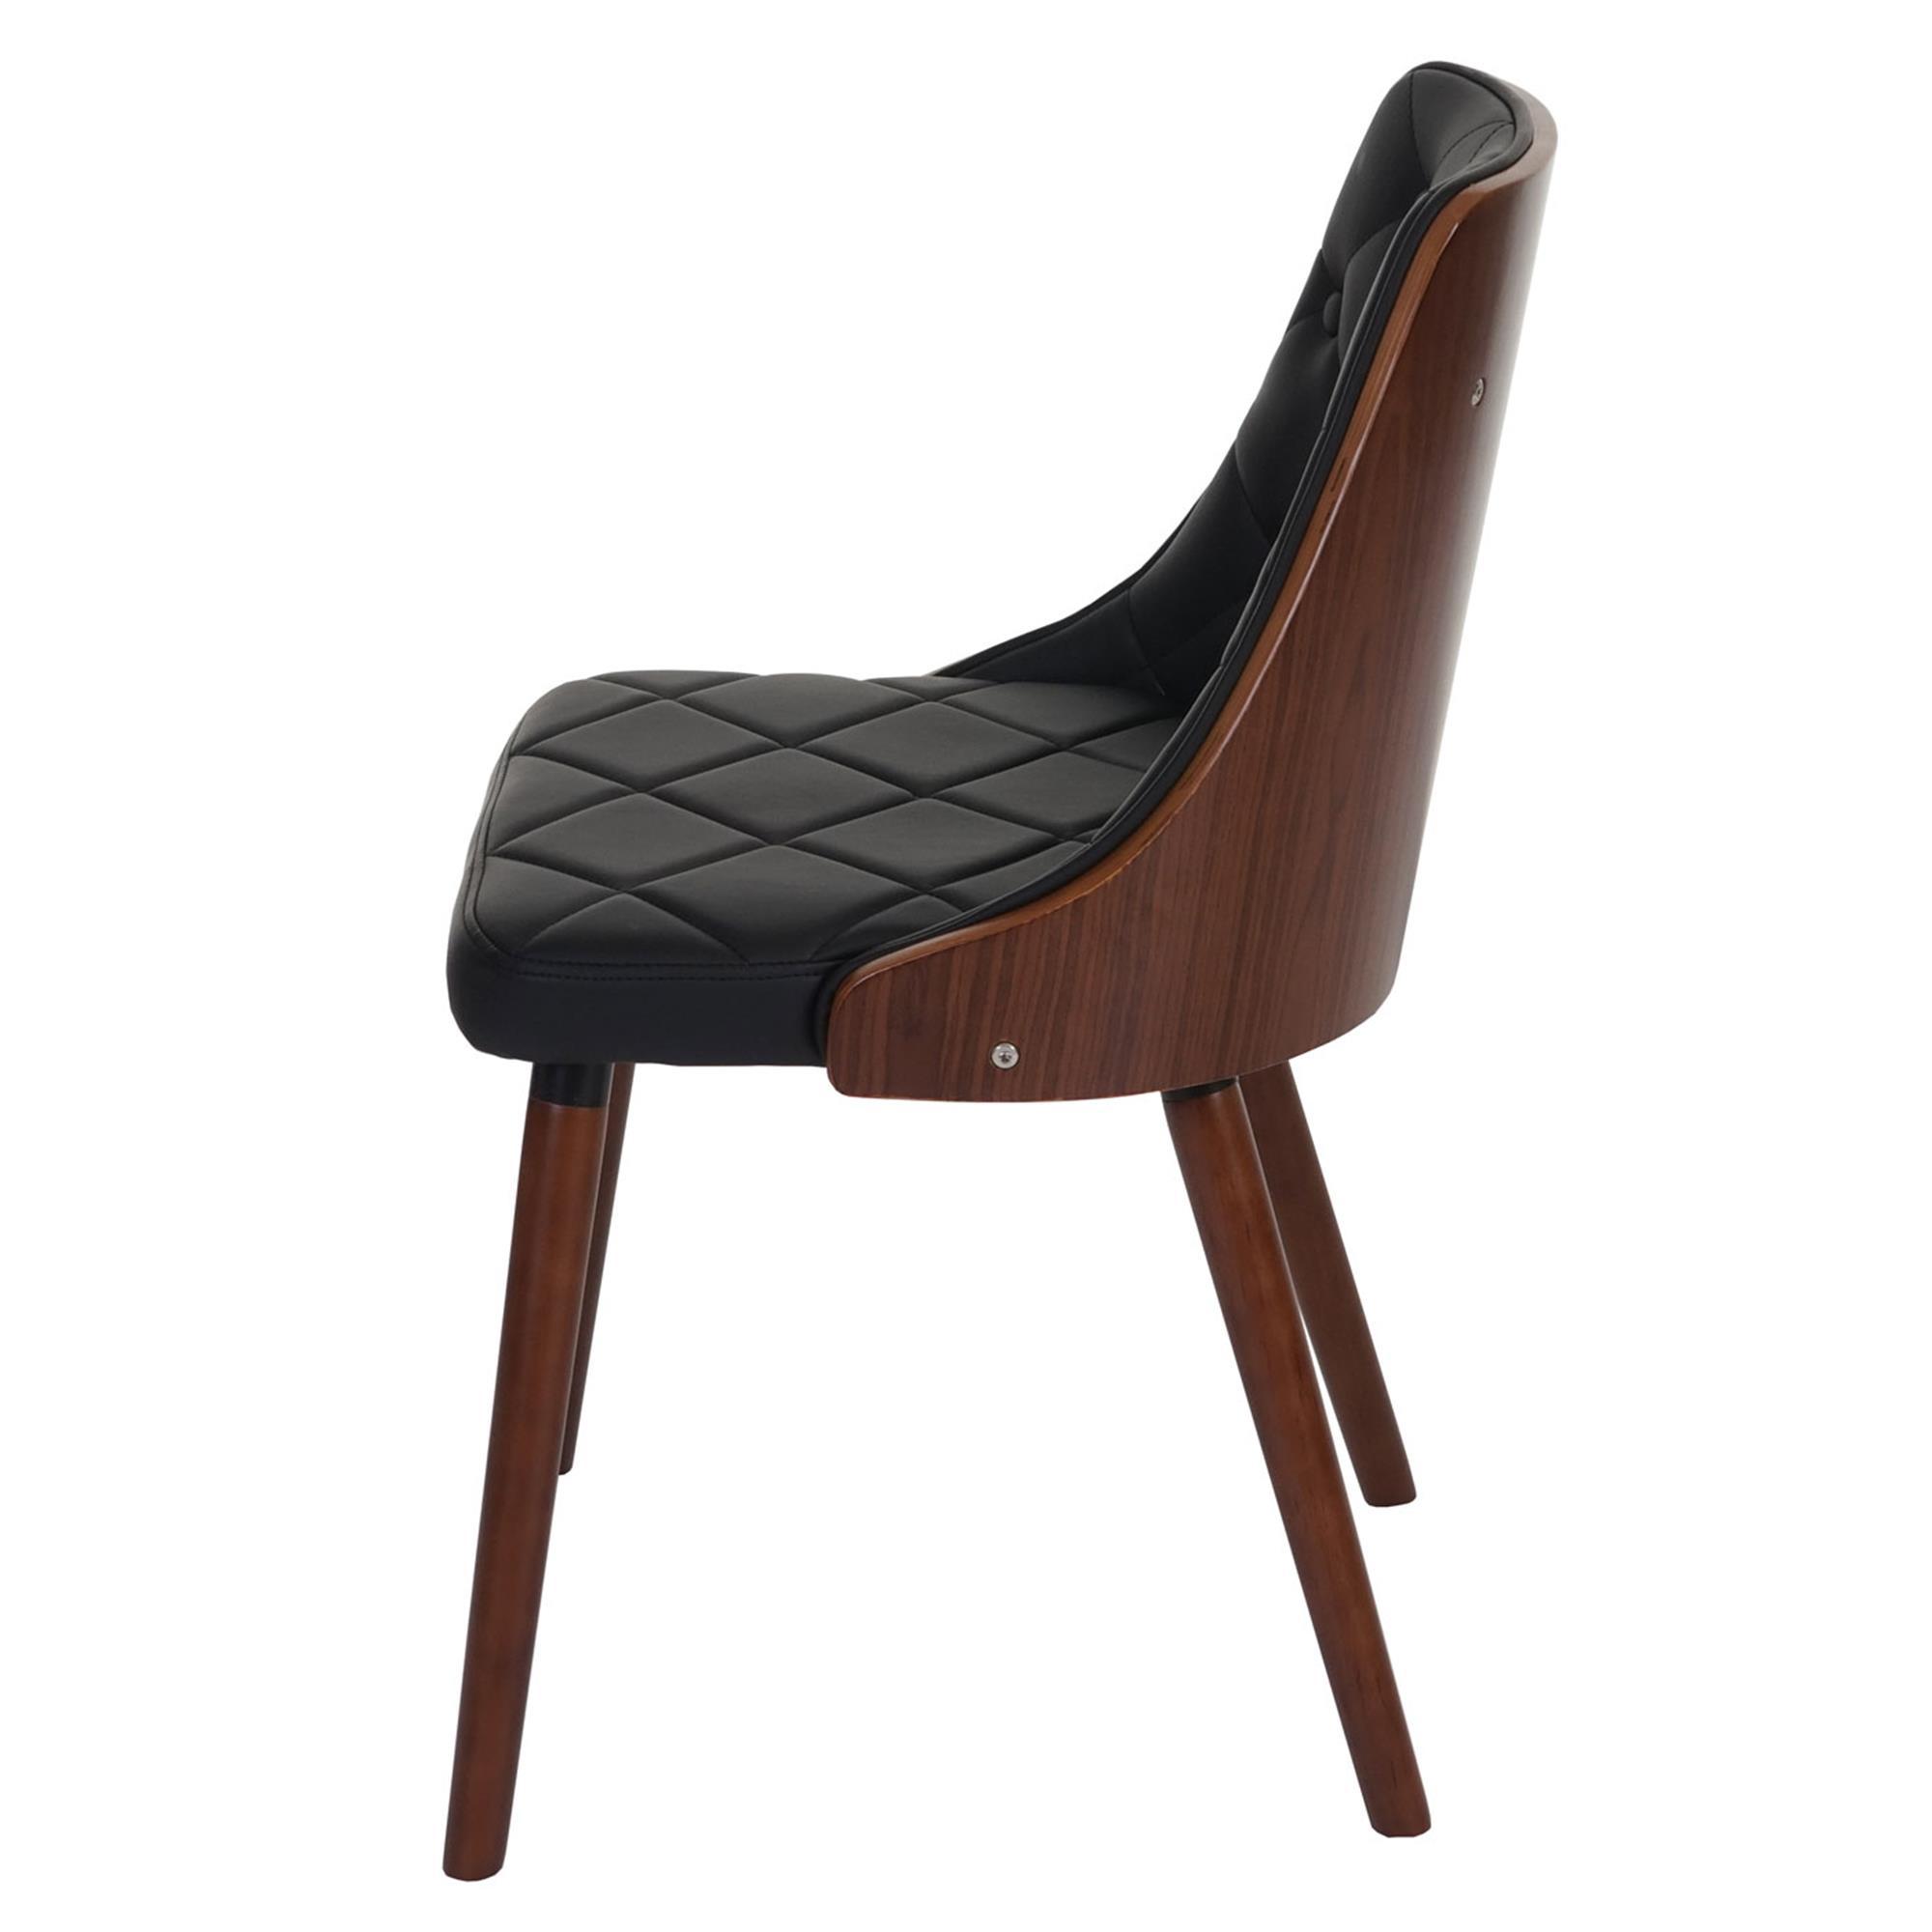 Lote 6 sillas de comedor baley en piel negra conjunto 6 for Sillas de piel para comedor